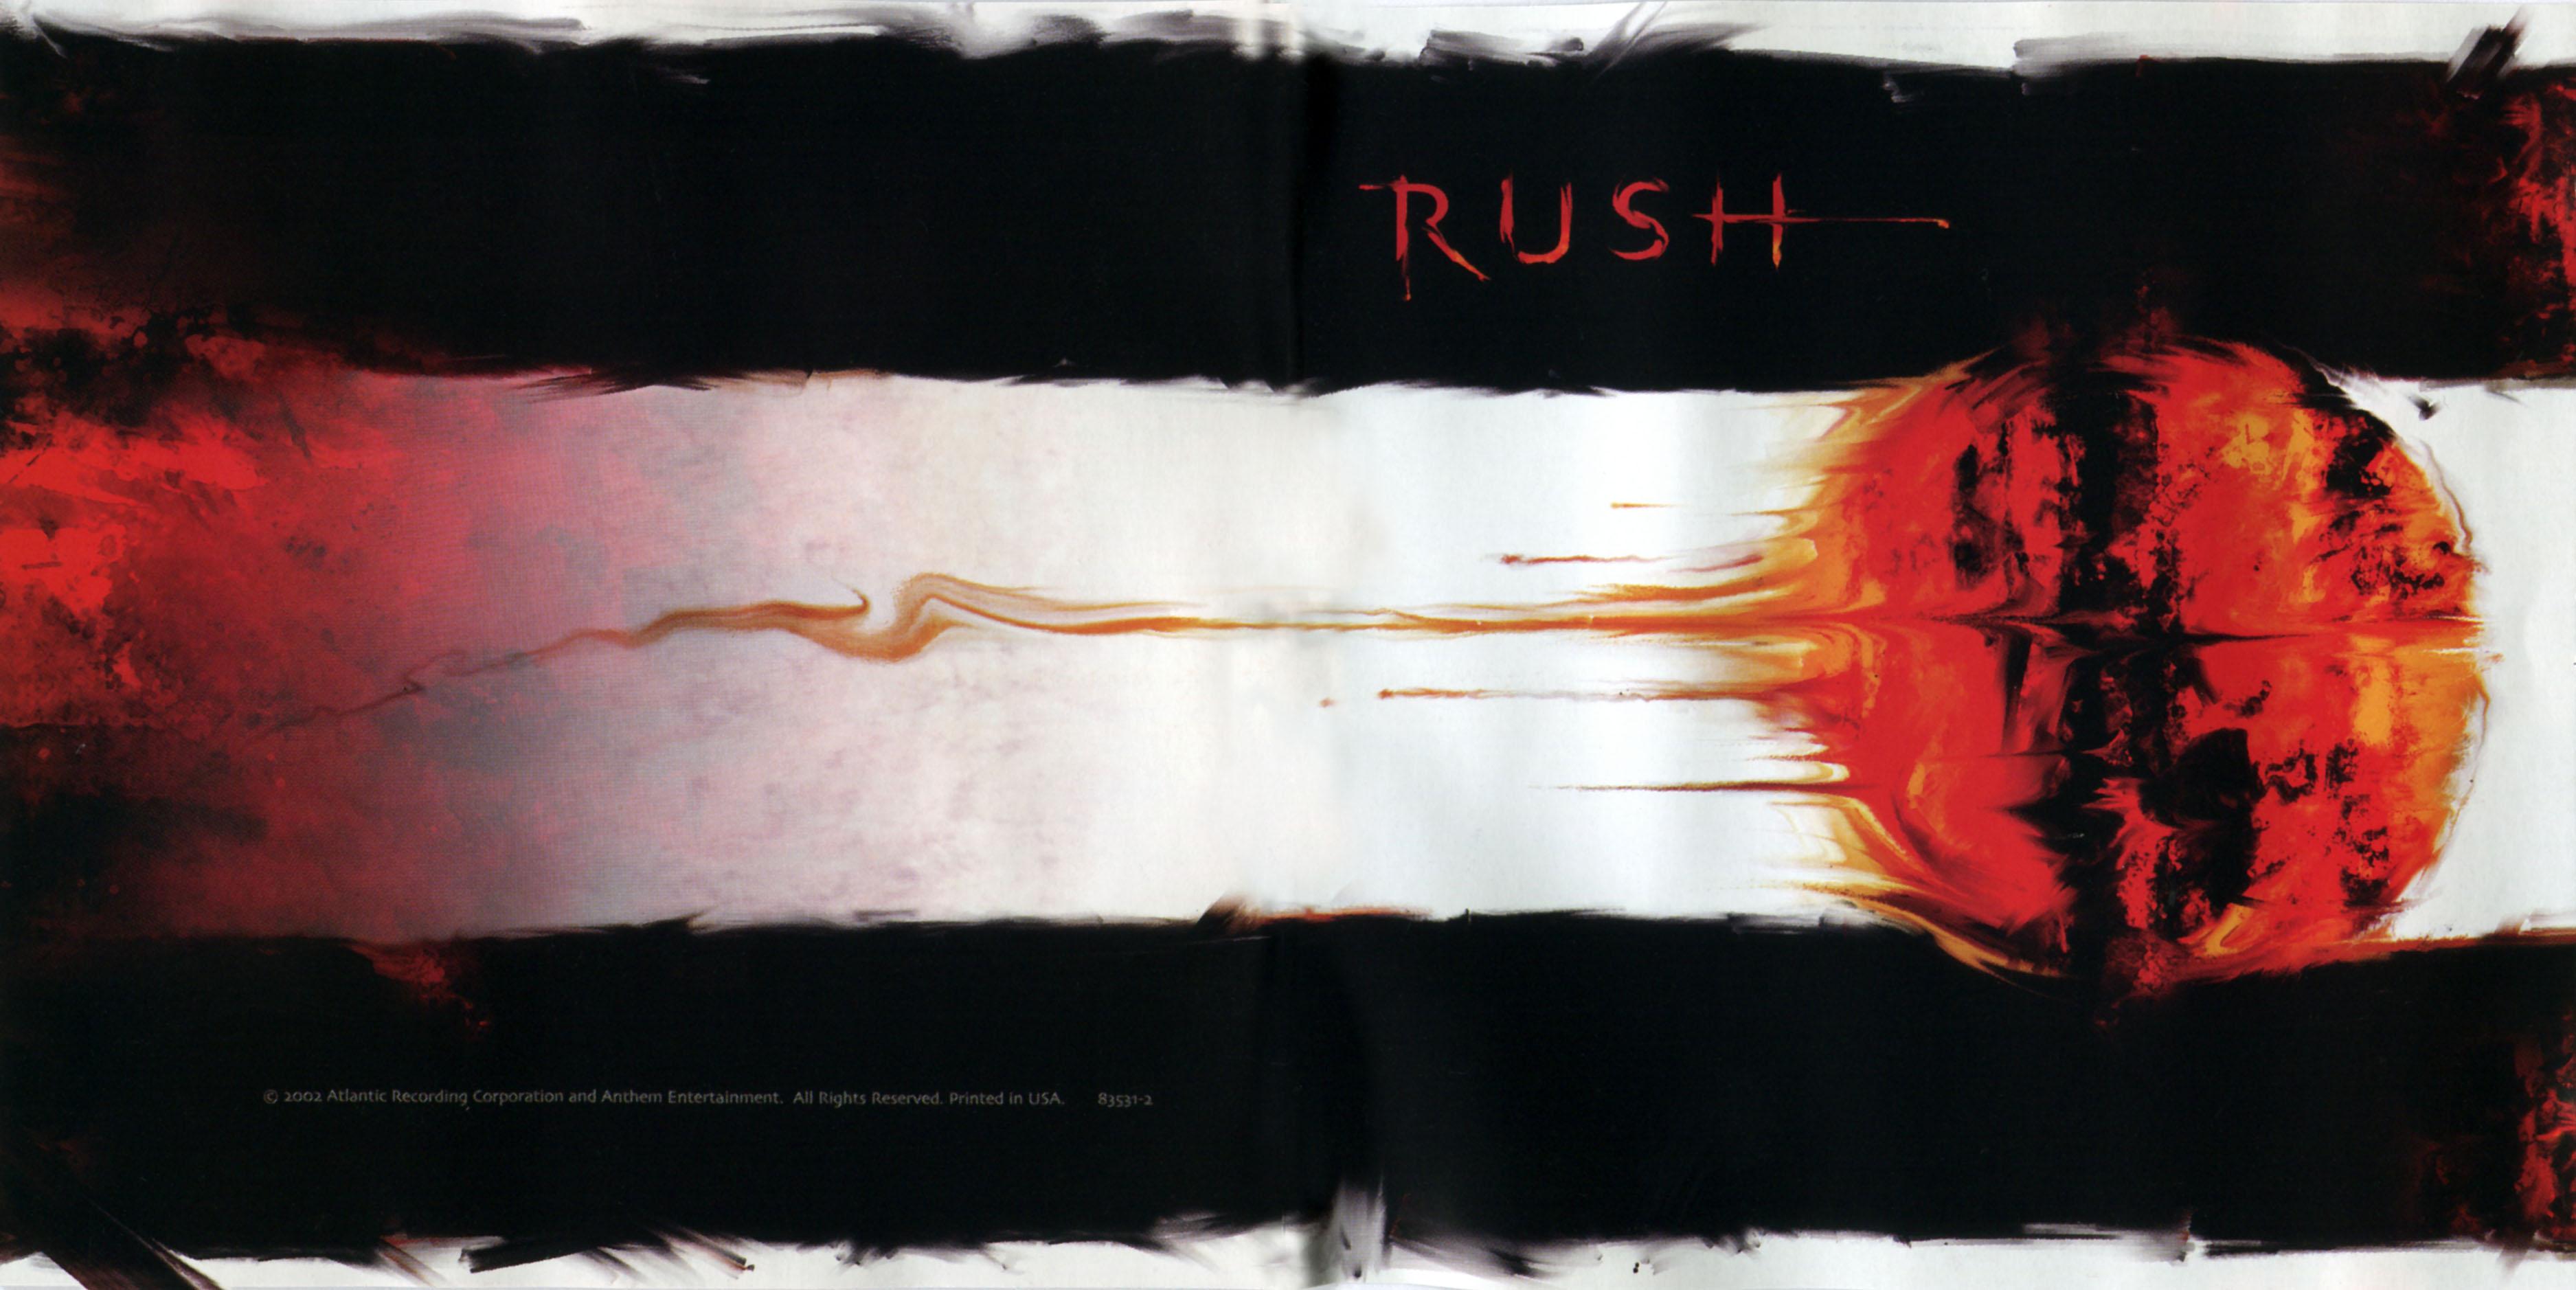 Rush Vapor Trails Album Artwork